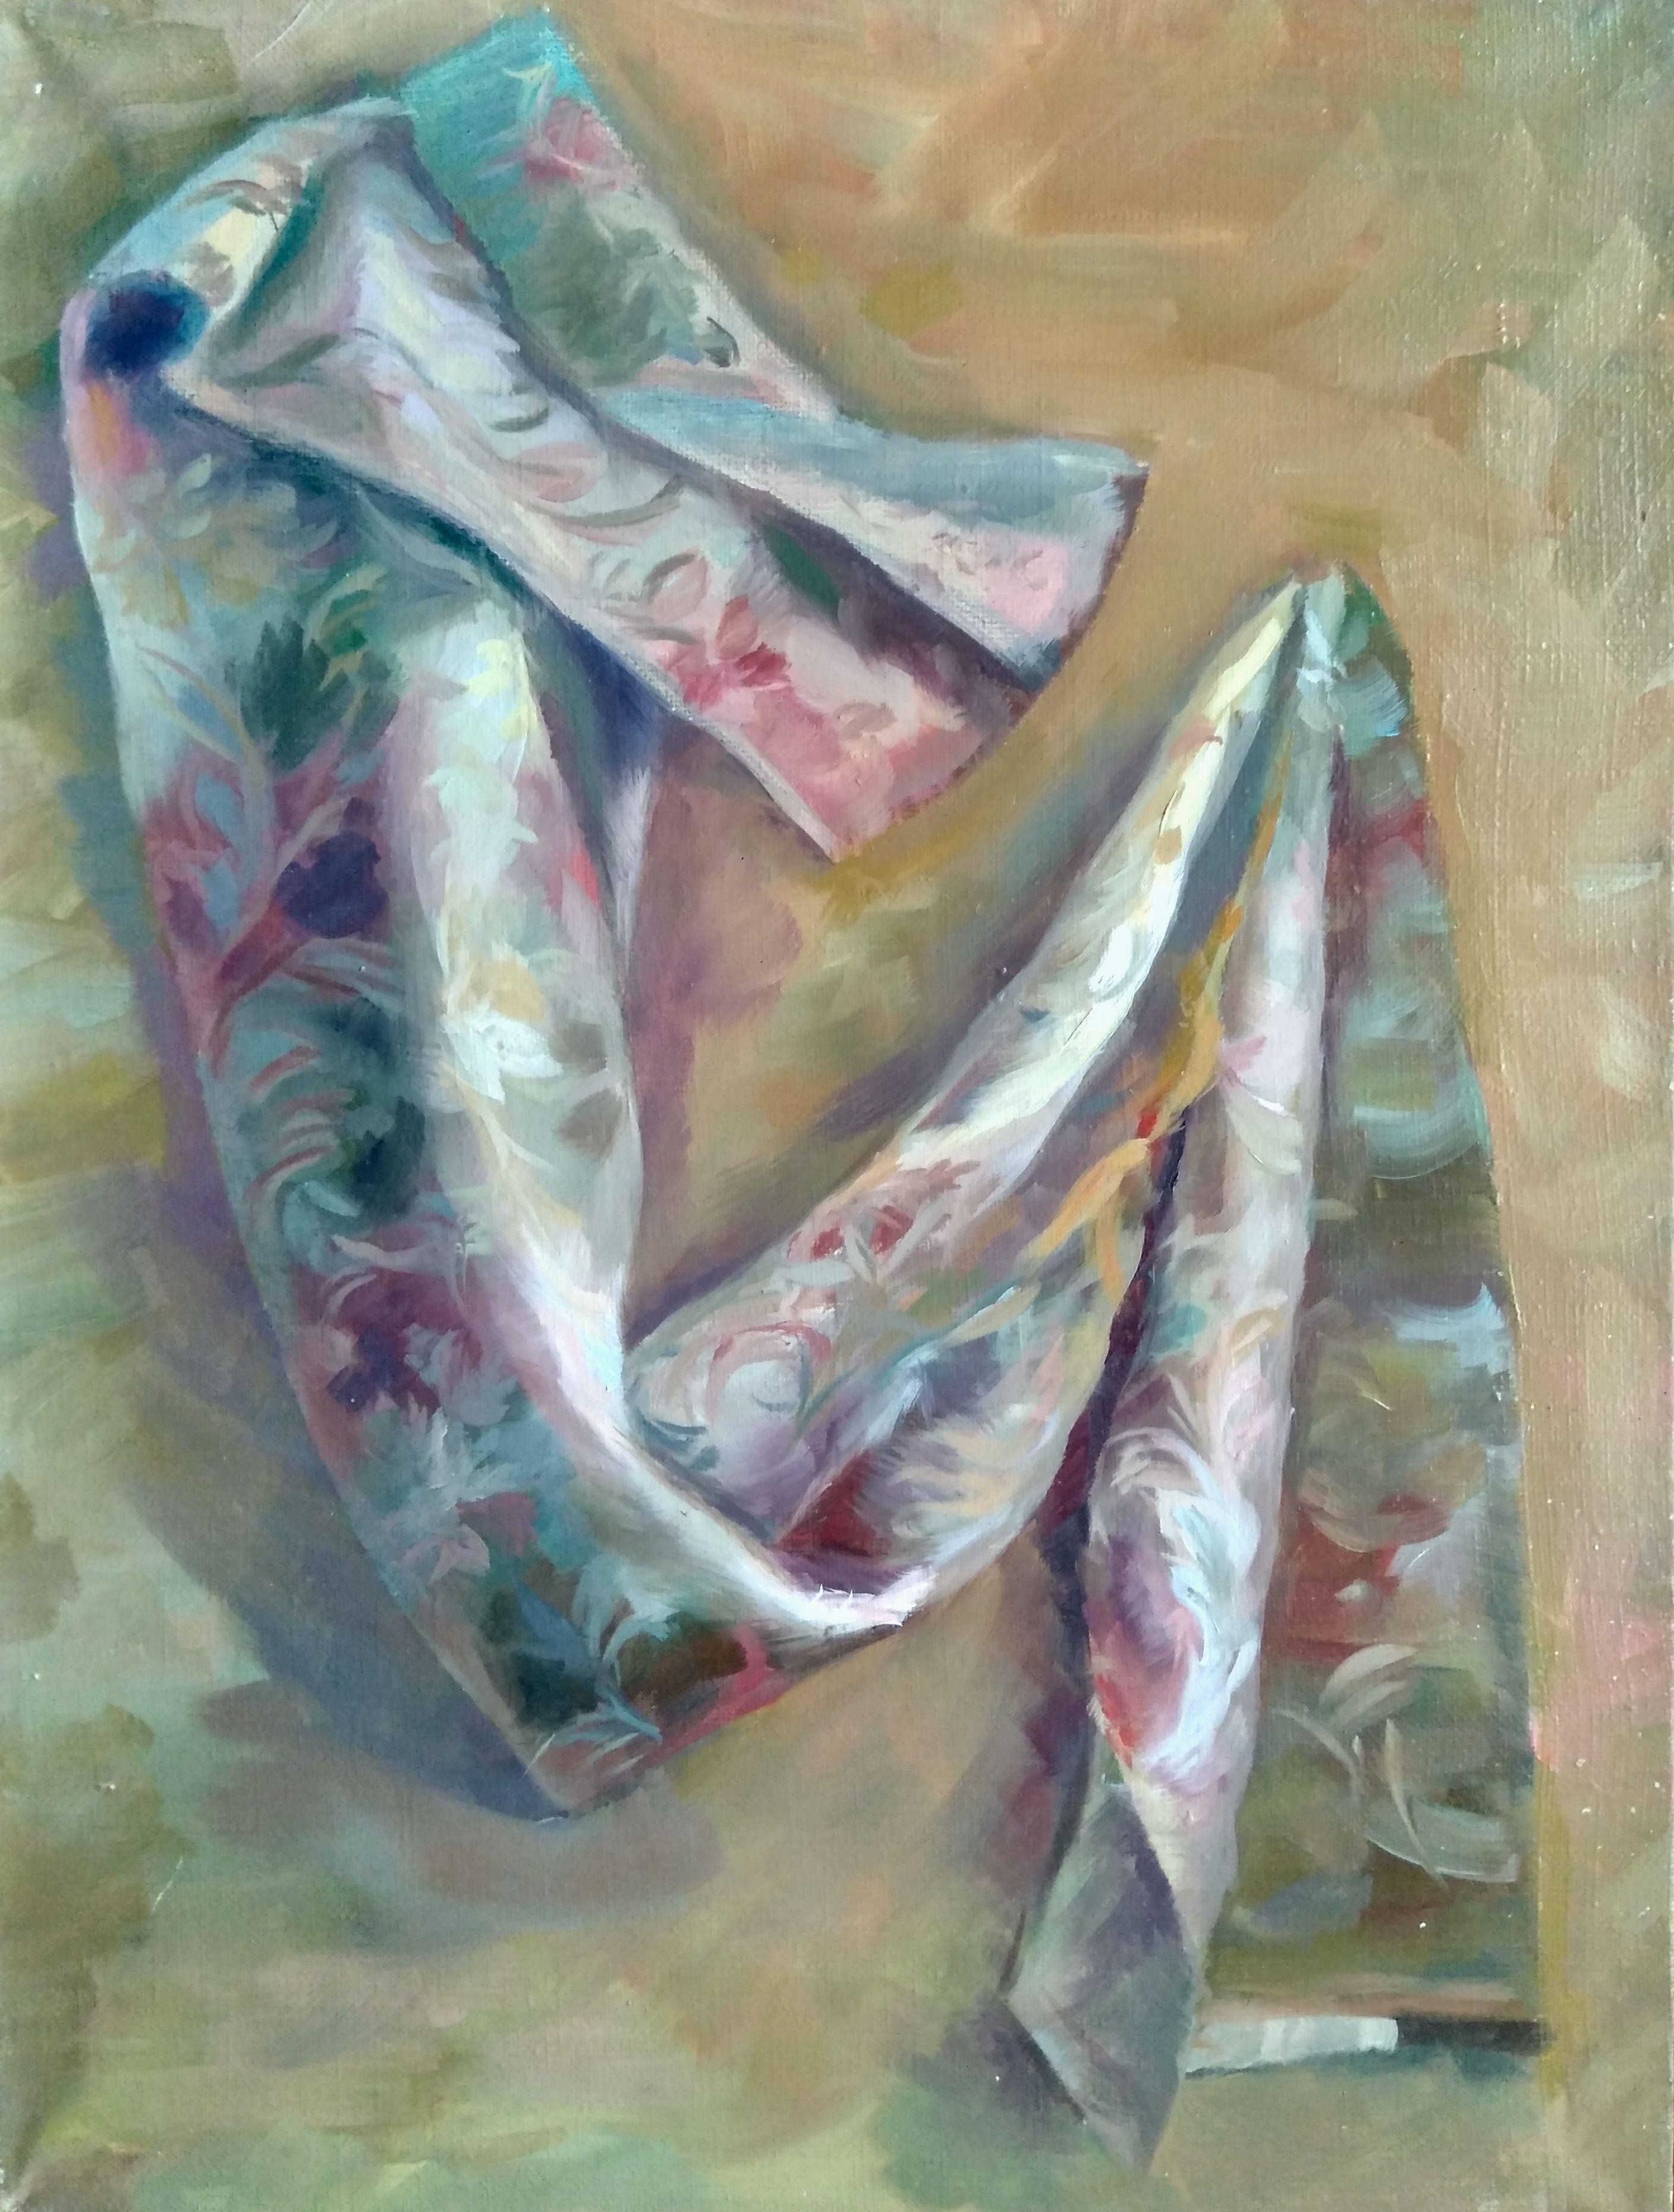 холстнаподрамнике драпировка льняной картина ткань живопись тепло красота хаки холст